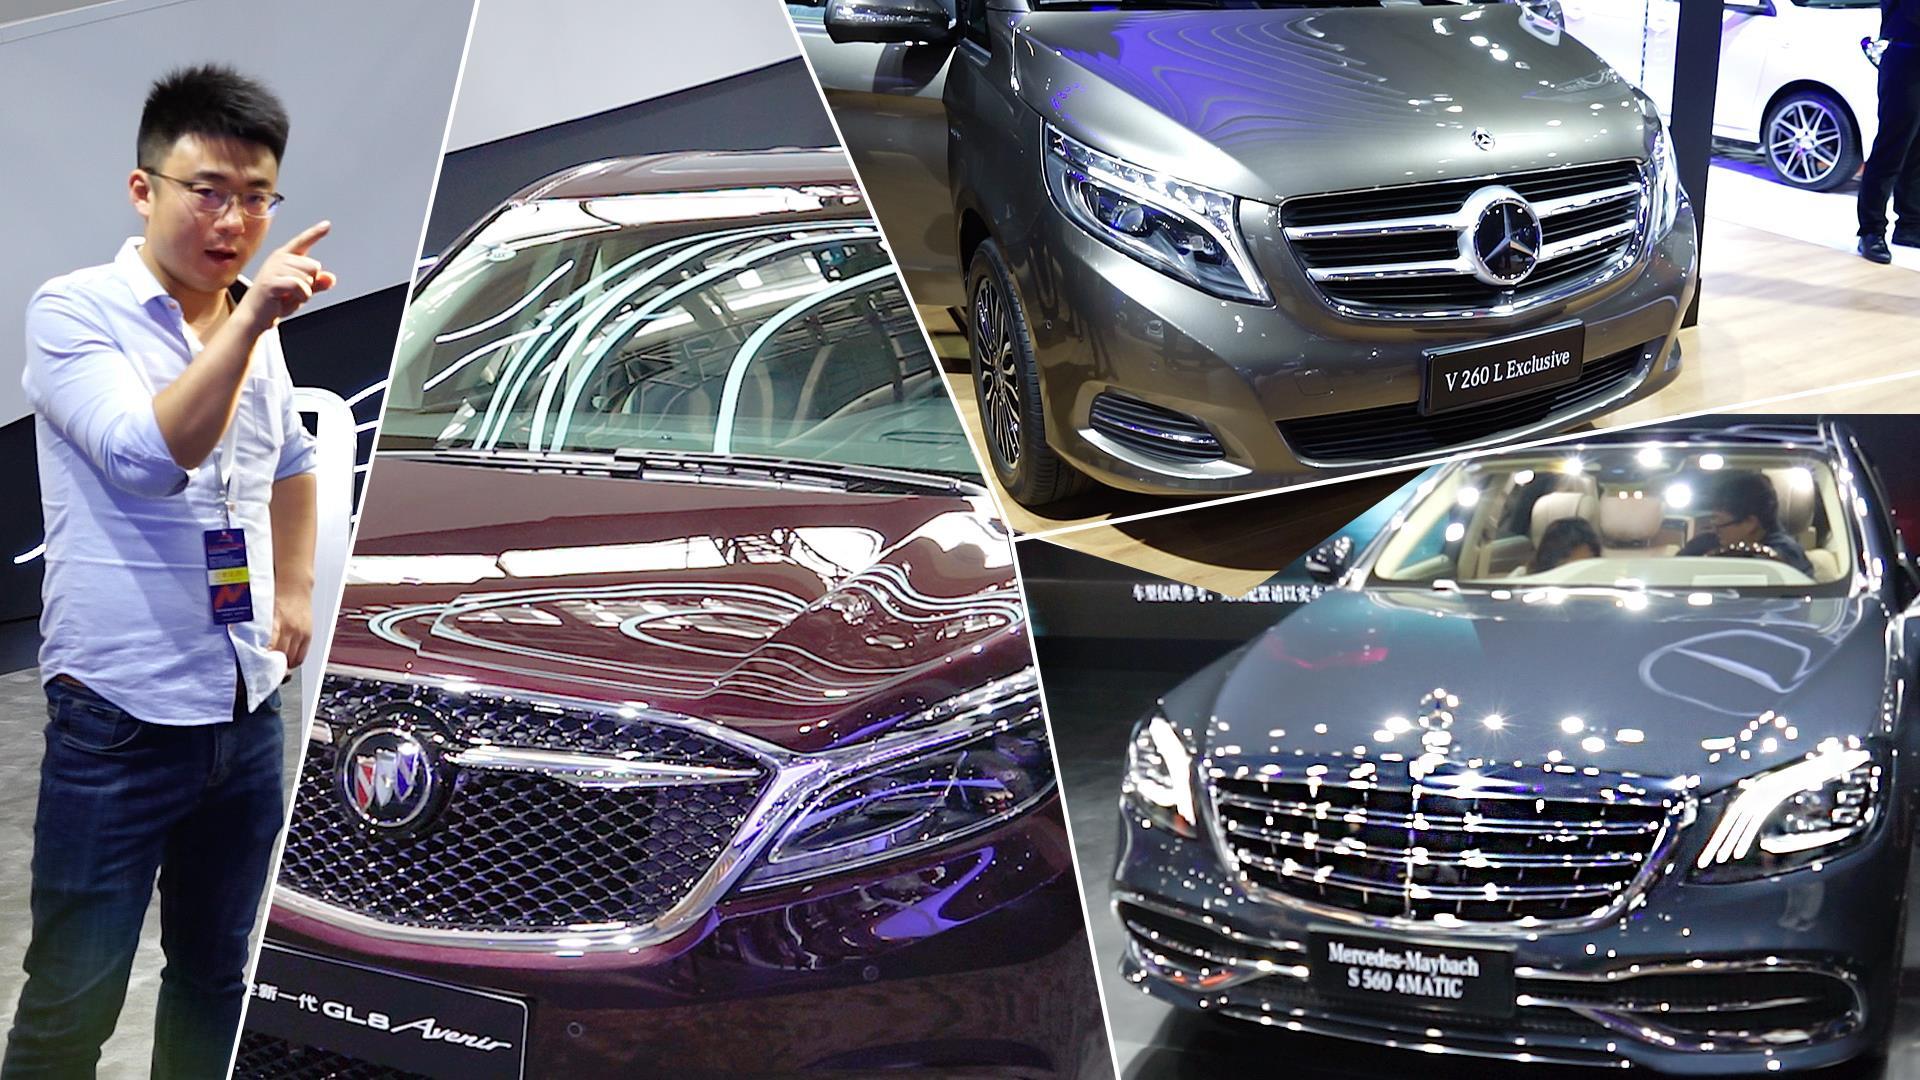 大炮评车:45-250万,广州车展三款豪华商务车的不同